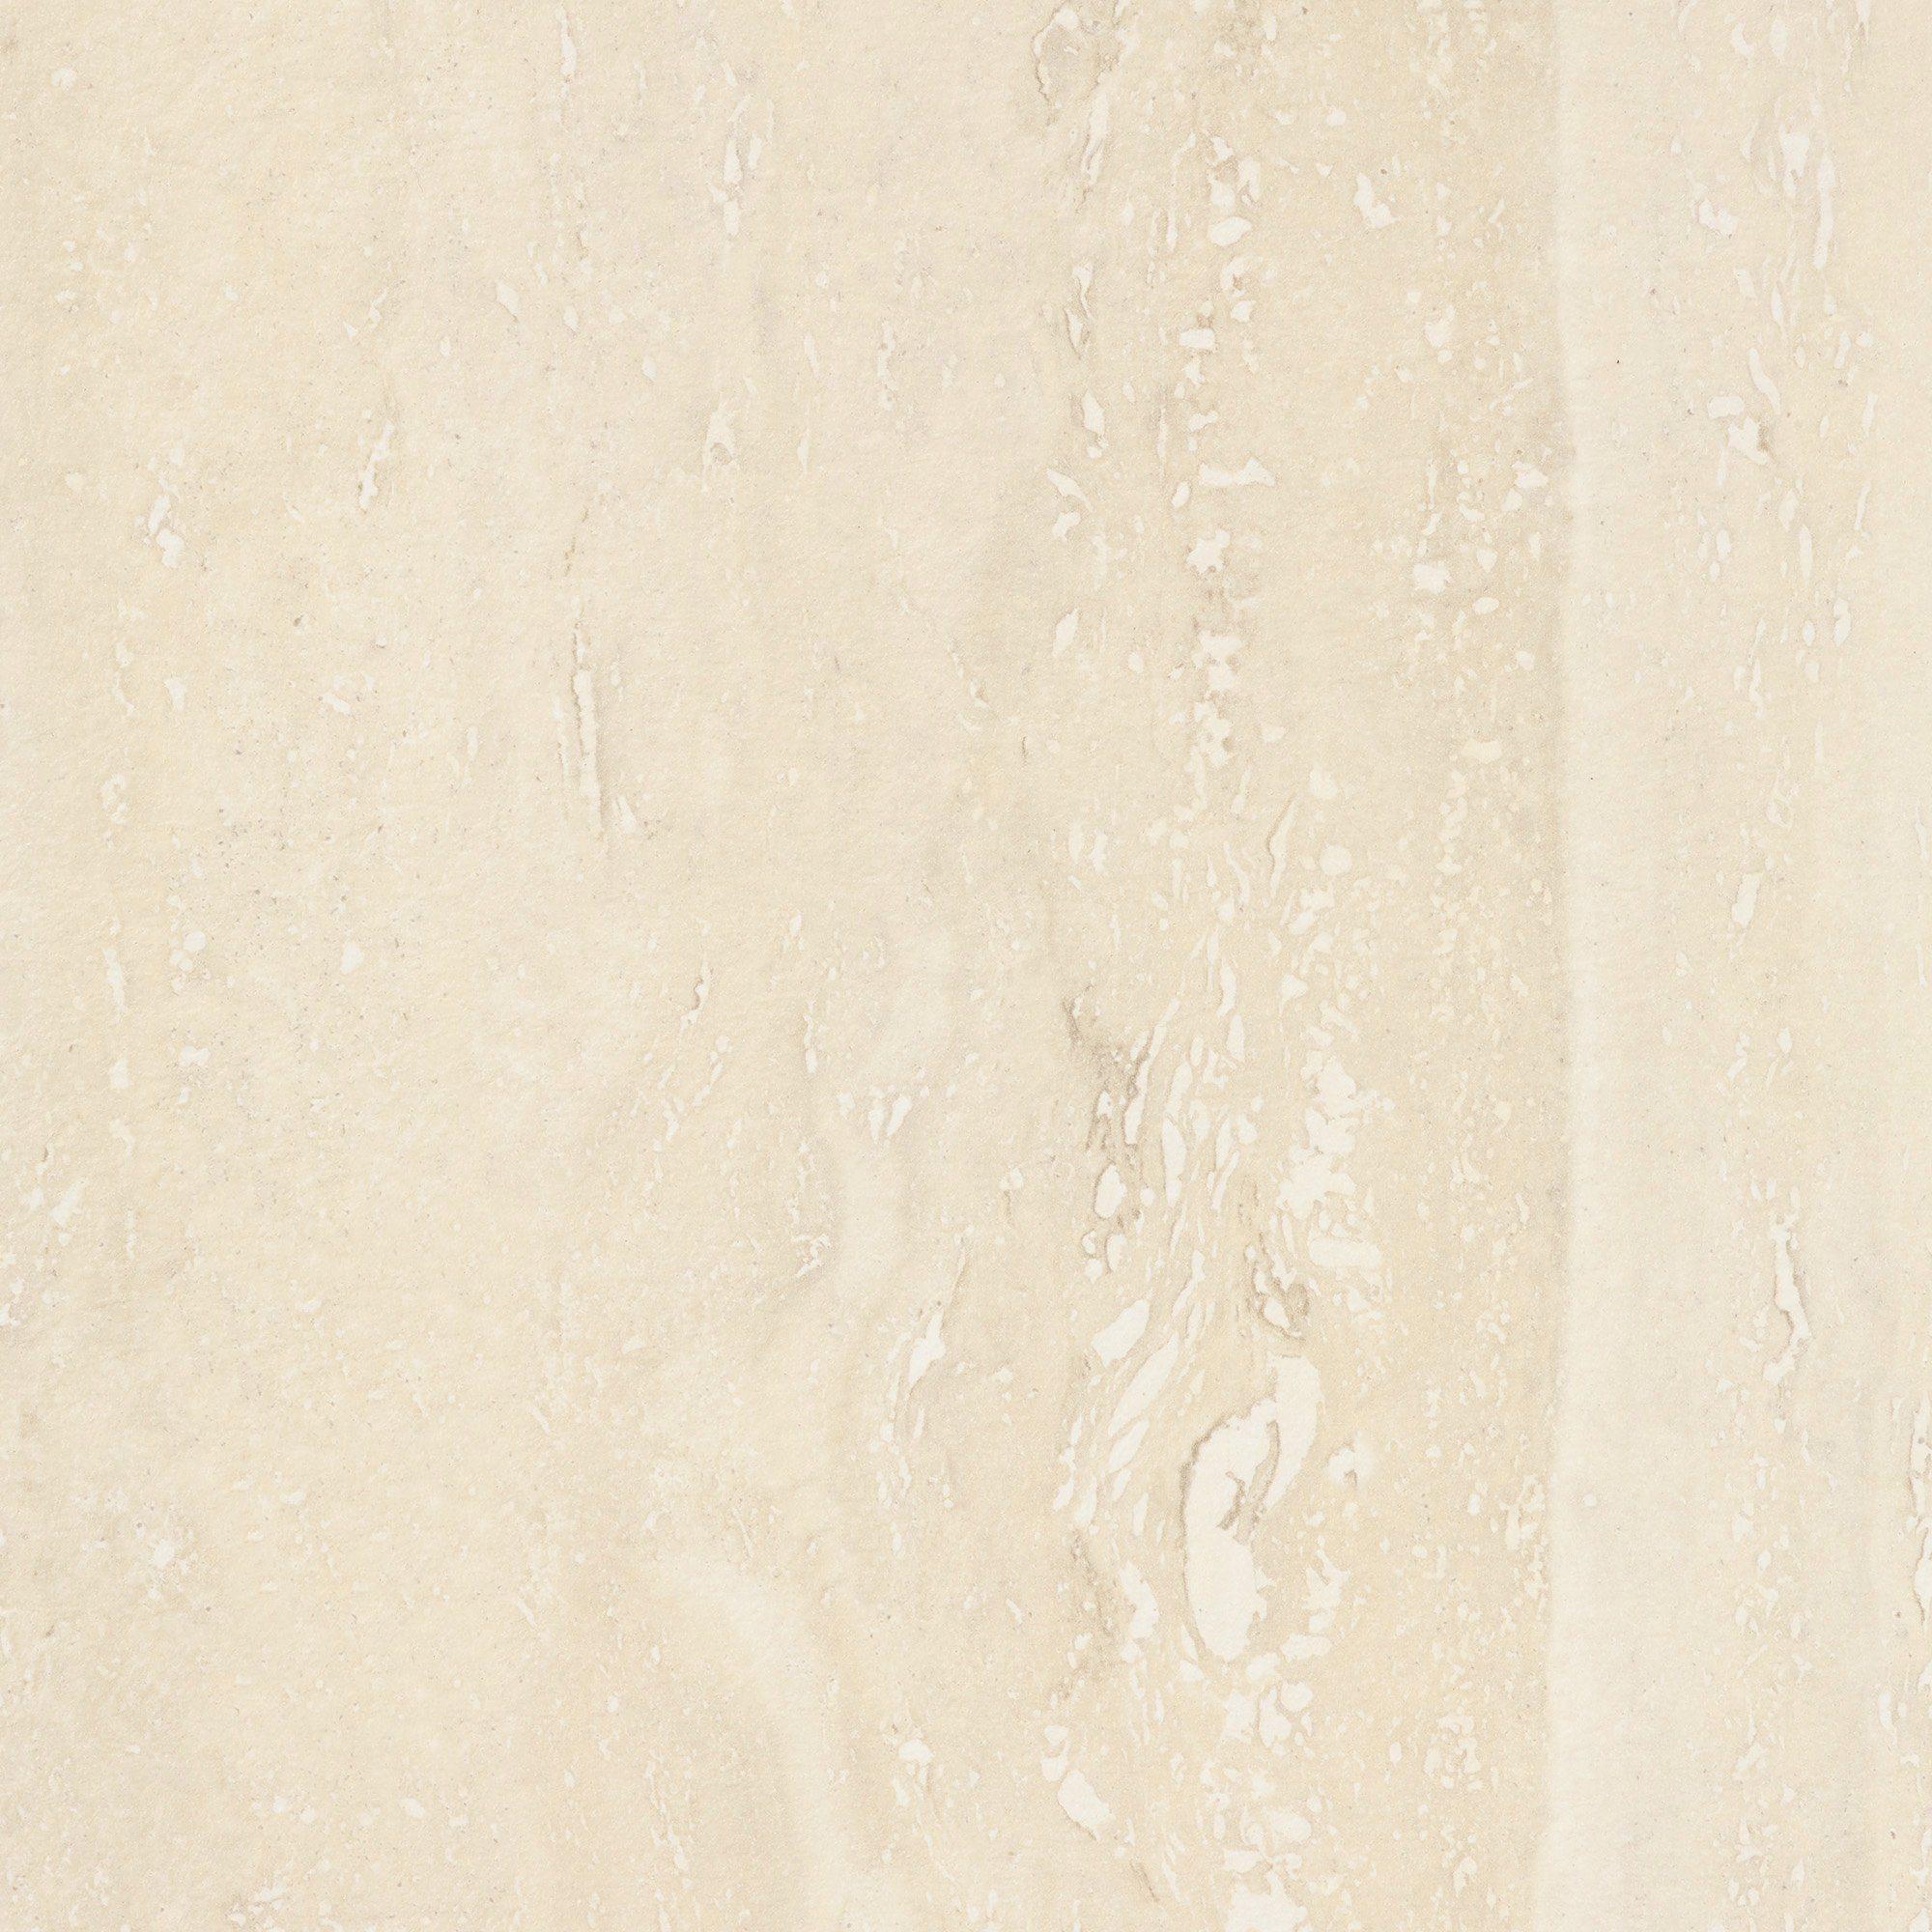 BODENMEISTER Packung: Laminat »Fliesenoptik Travertin hell-braun«, 60 x 30 cm Fliese, Stärke: 8 mm | Baumarkt > Bodenbeläge > Laminat | Bodenmeister